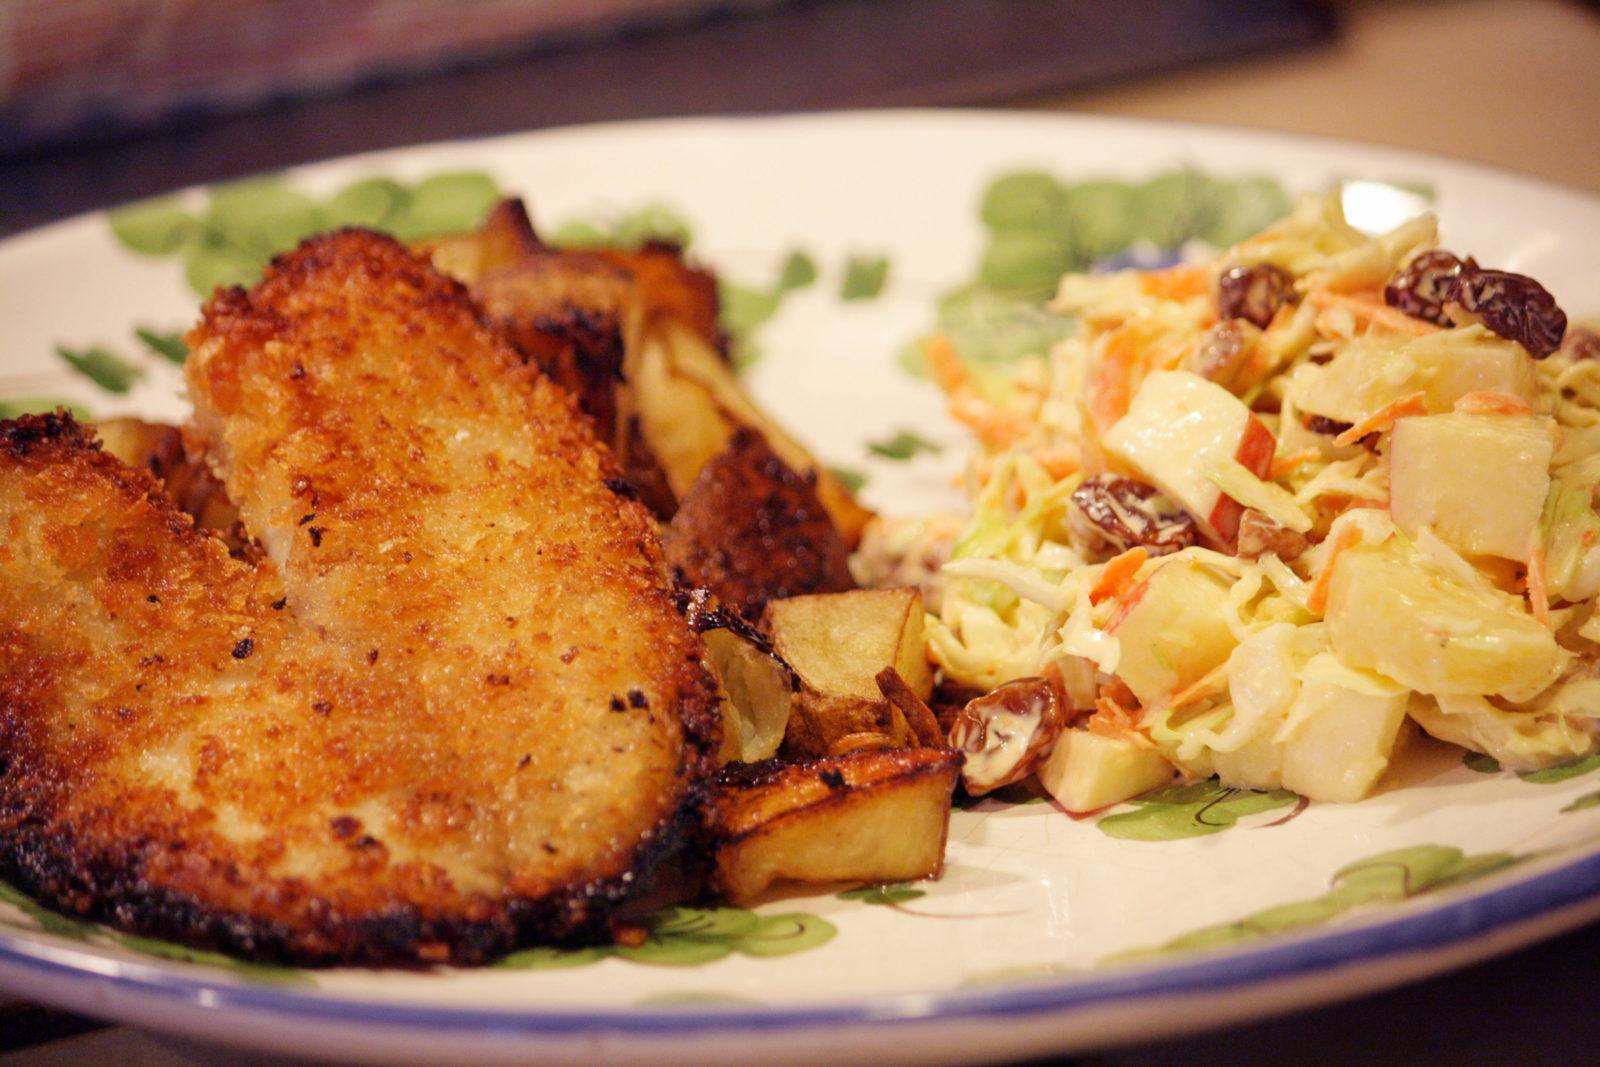 Filete de pescado con mostaza, miel y panko